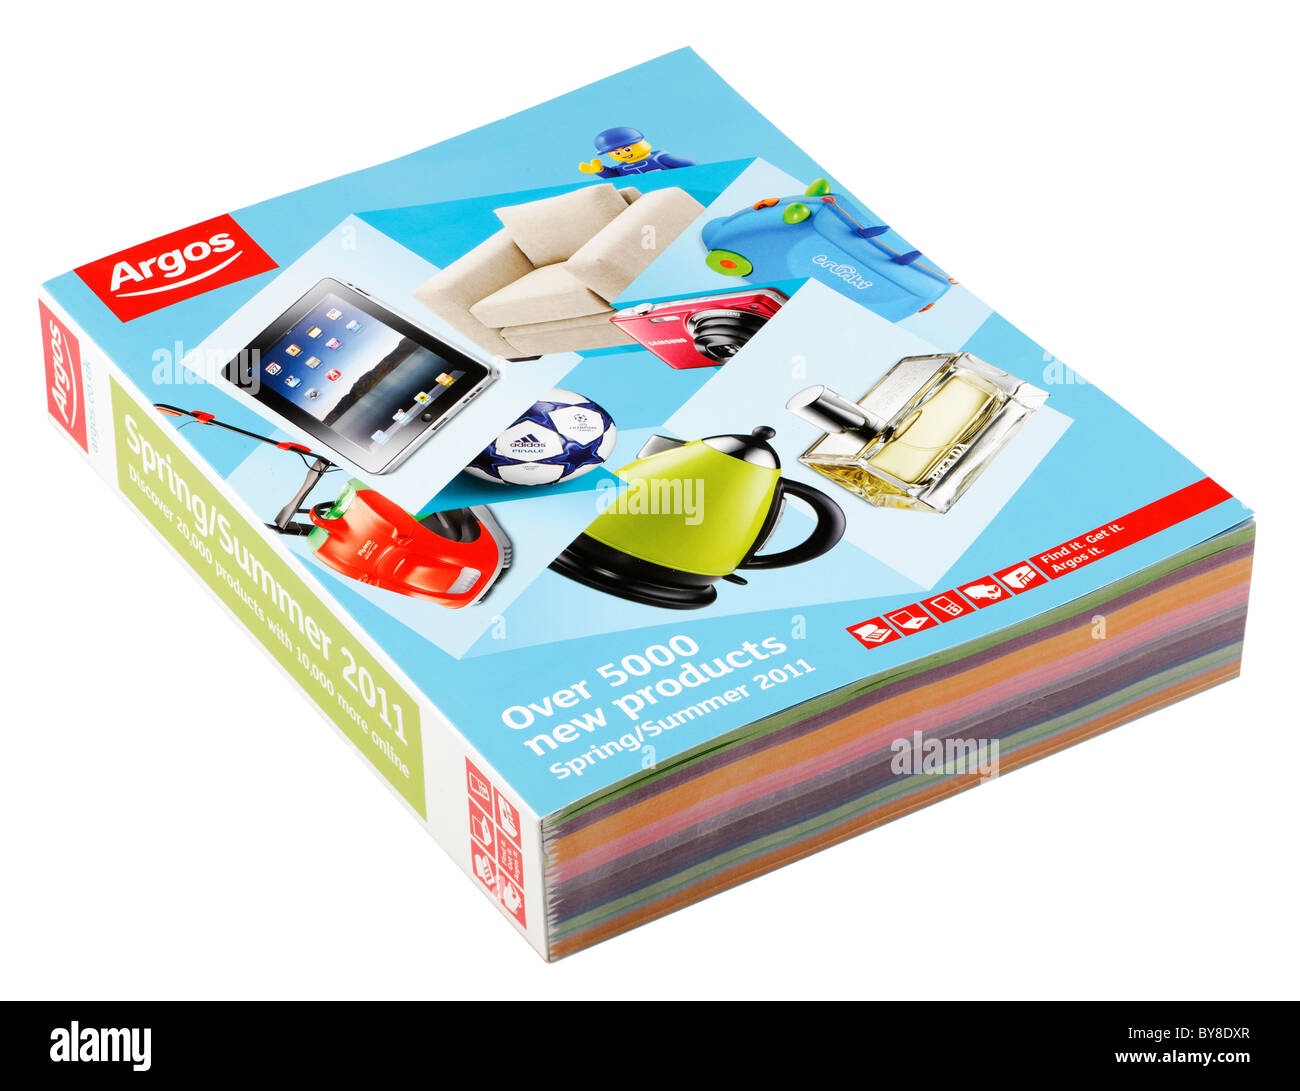 Argos catalogo per la primavera estate 2011 Immagini Stock